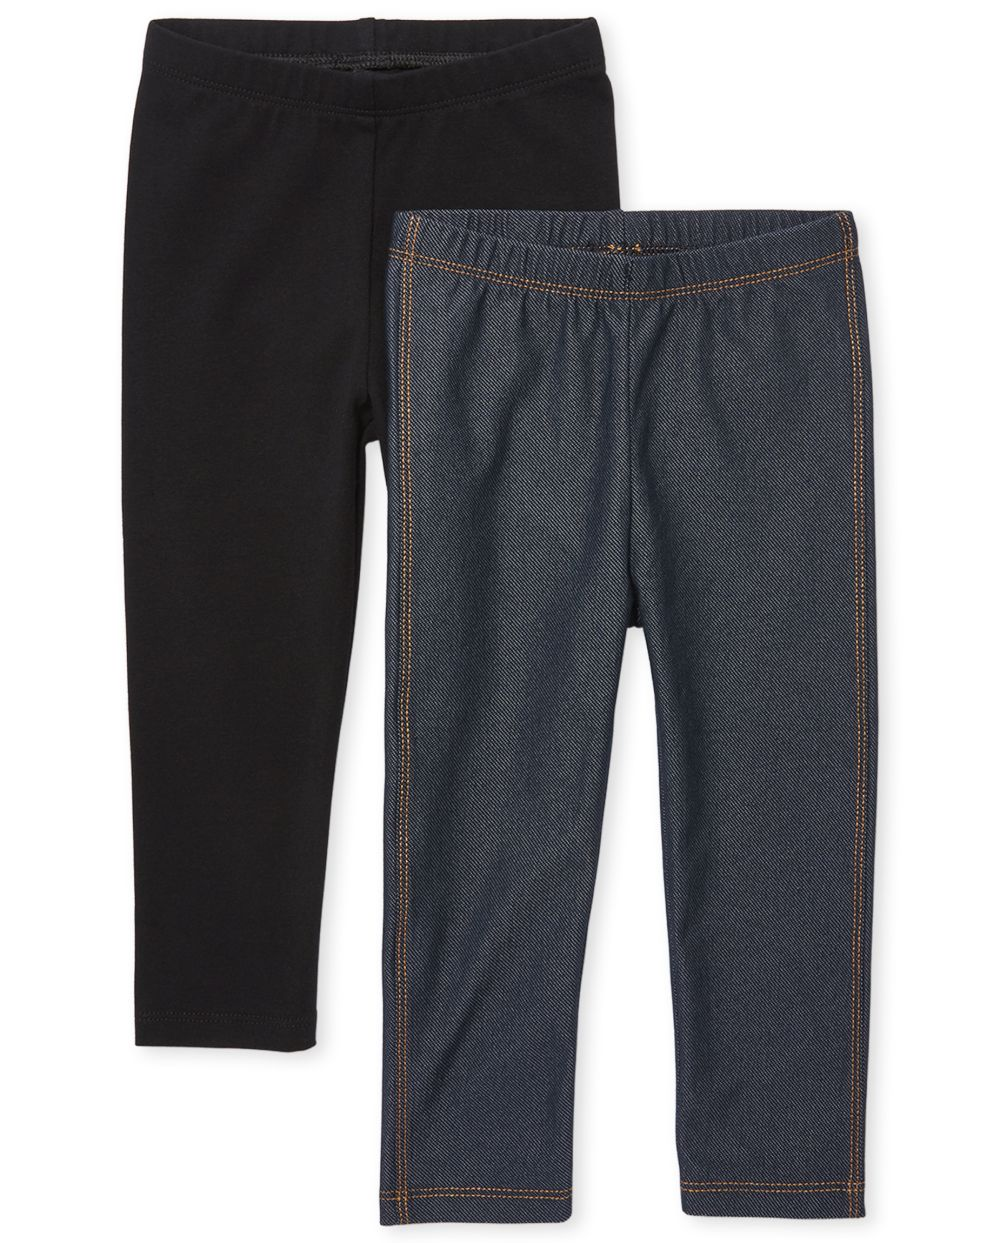 Pack de 2 leggings para bebés y niñas pequeñas